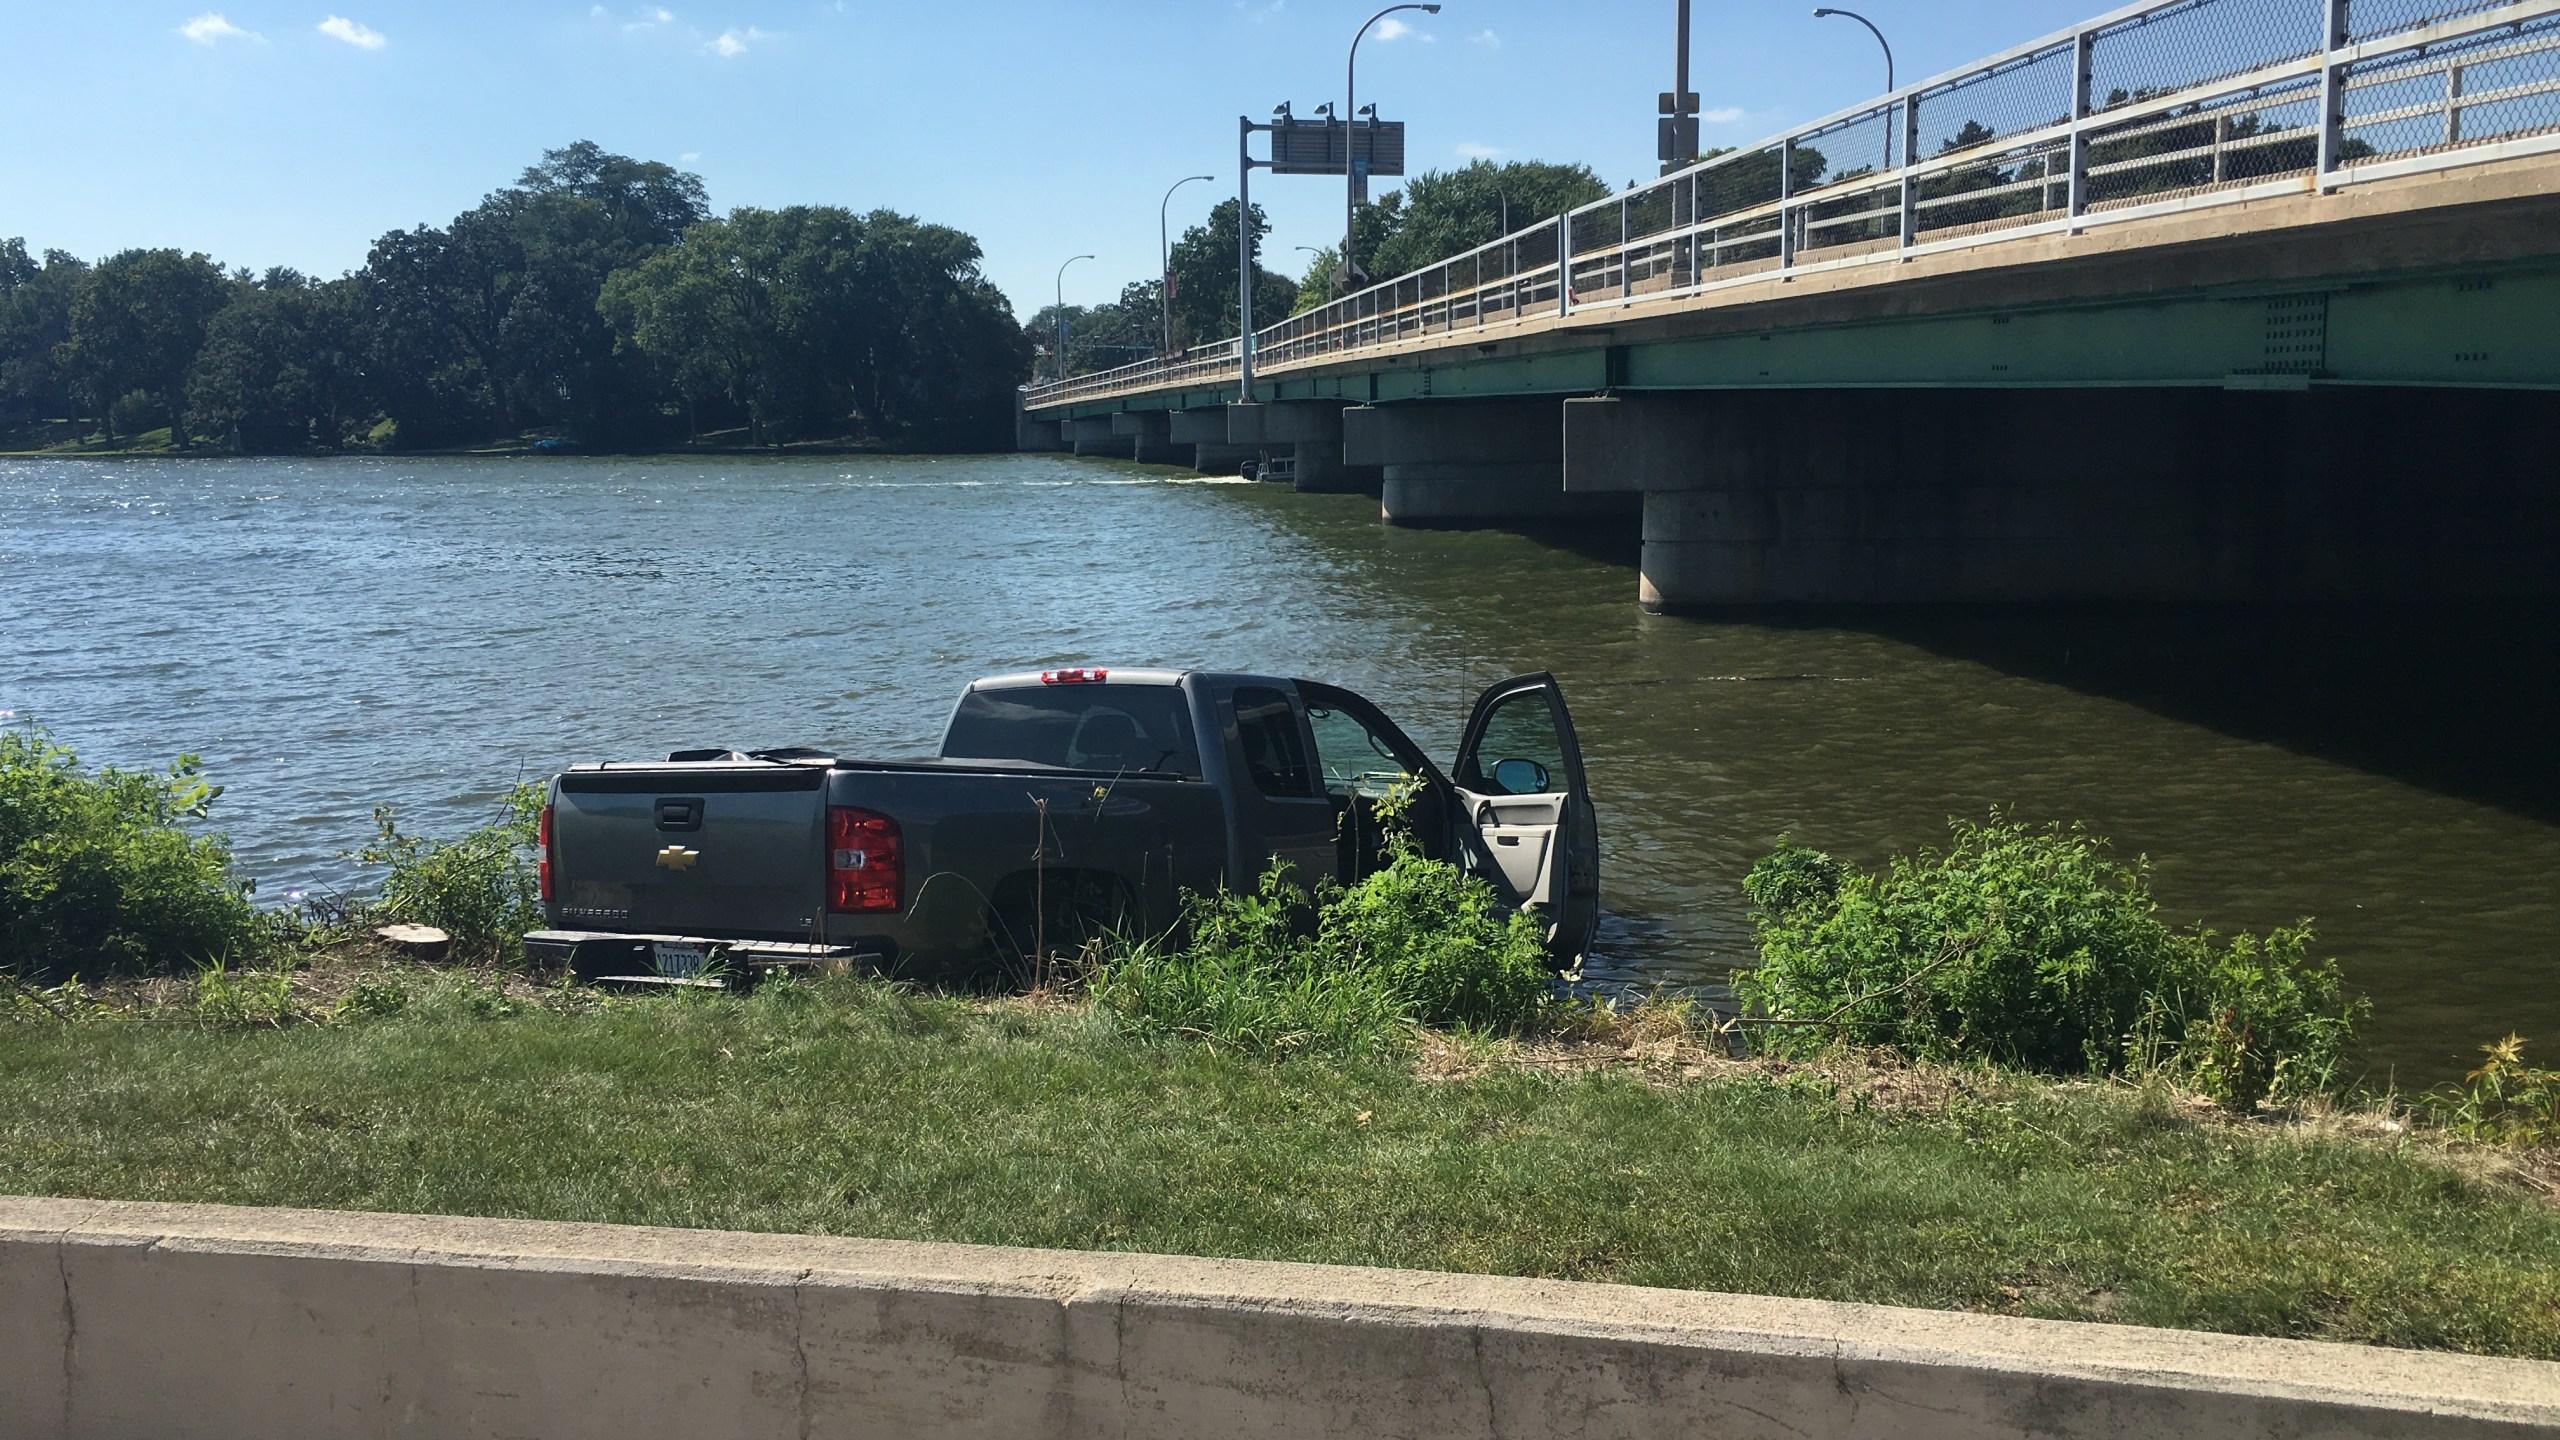 Pickup Truck in River_1473106137161.jpg